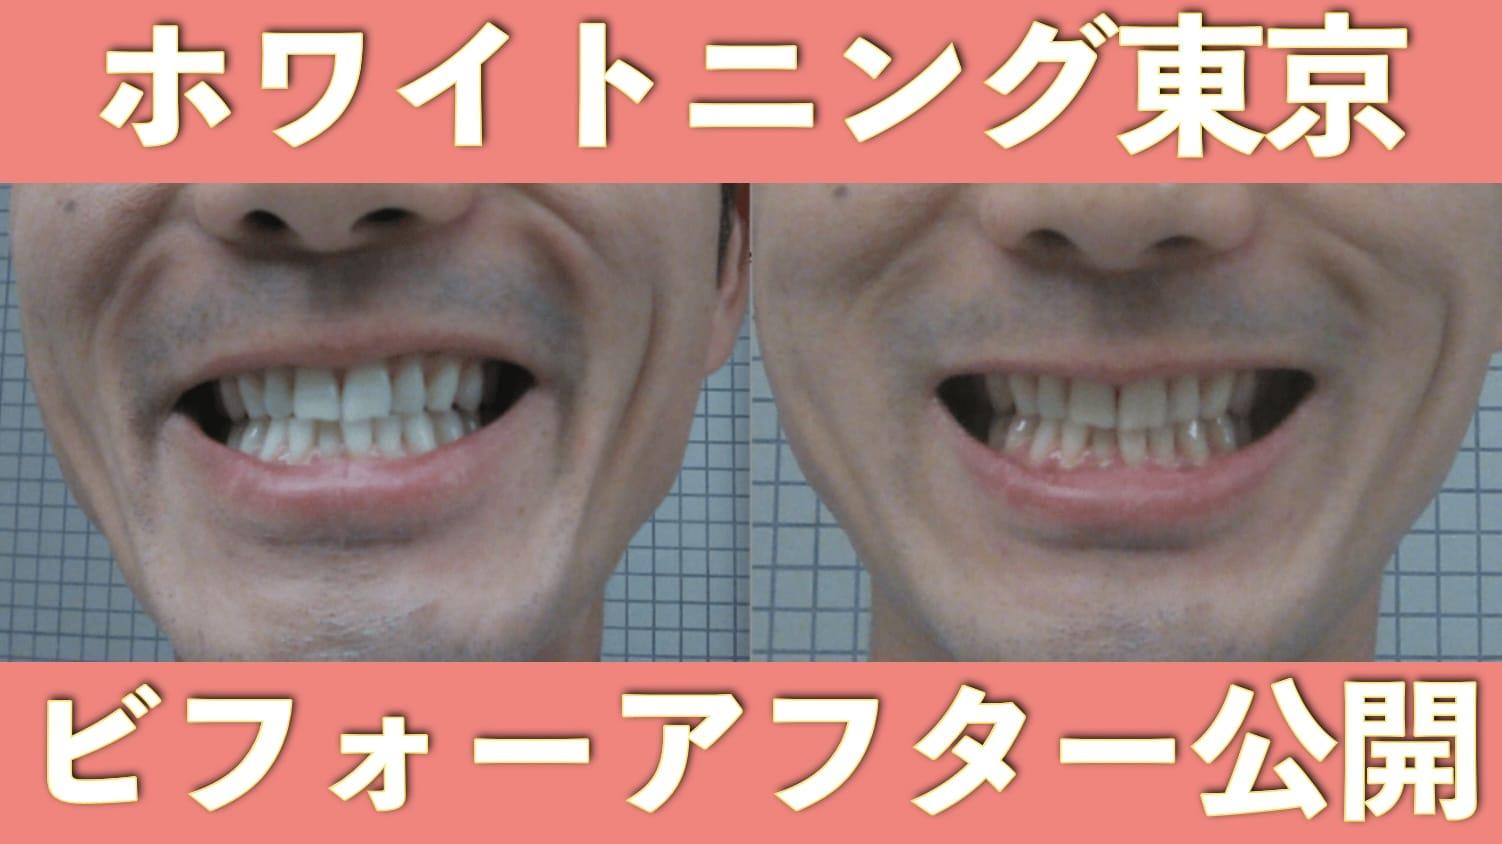 【口コミ評判】ホワイトニング東京に実際に行ってきて満足だった3つのこと。比較画像あり サムネイル画像